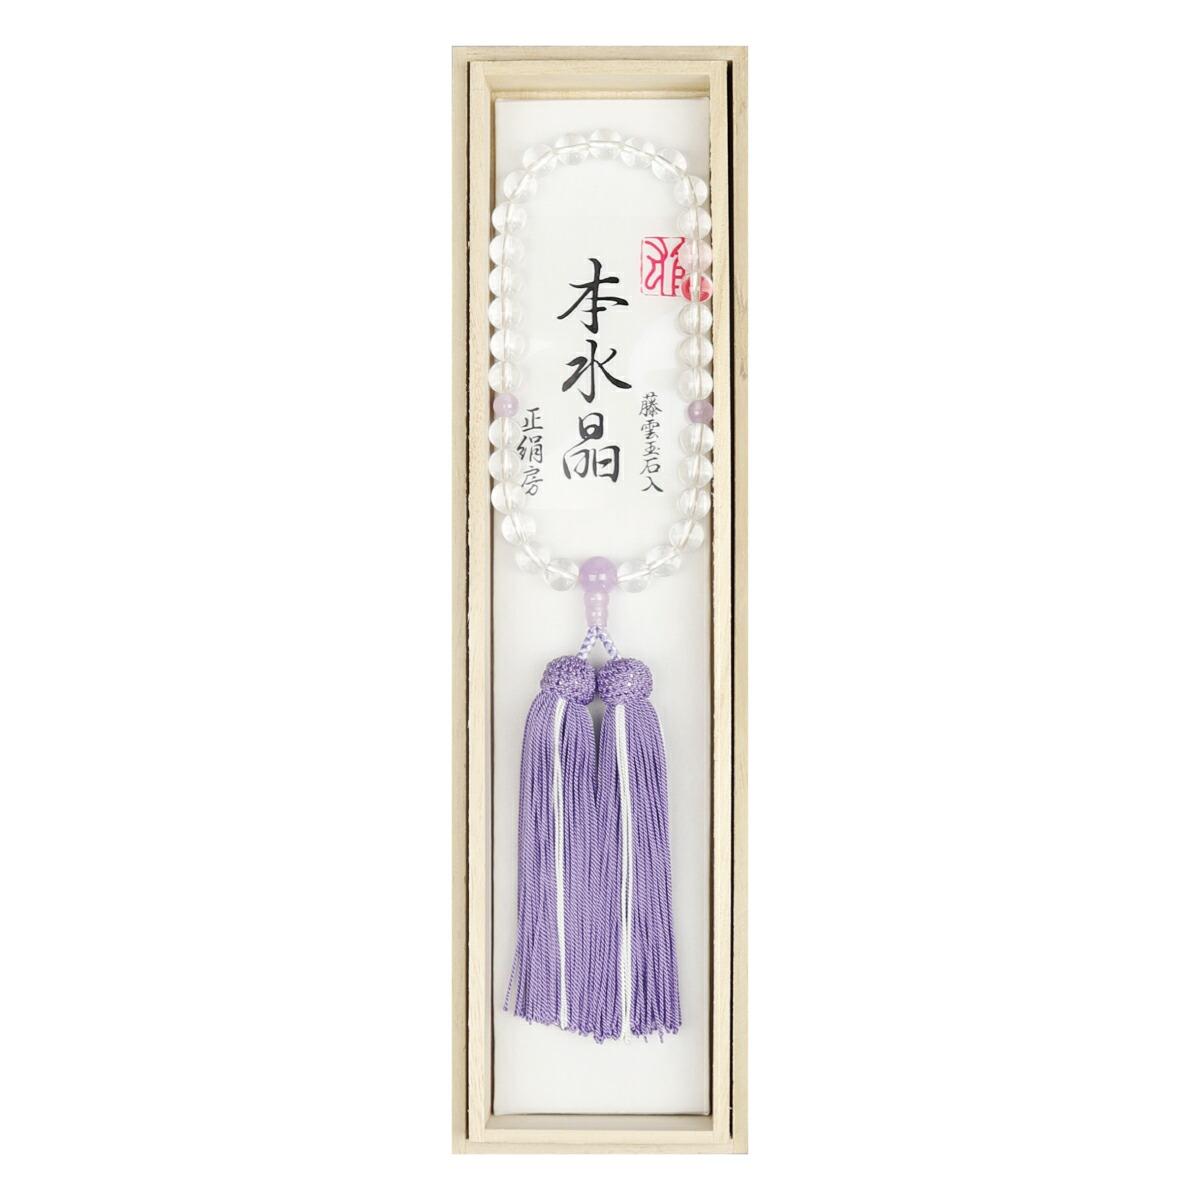 数珠(女性用略式) 本水晶8mm(丸玉/藤雲玉石仕立/藤・白ライン)